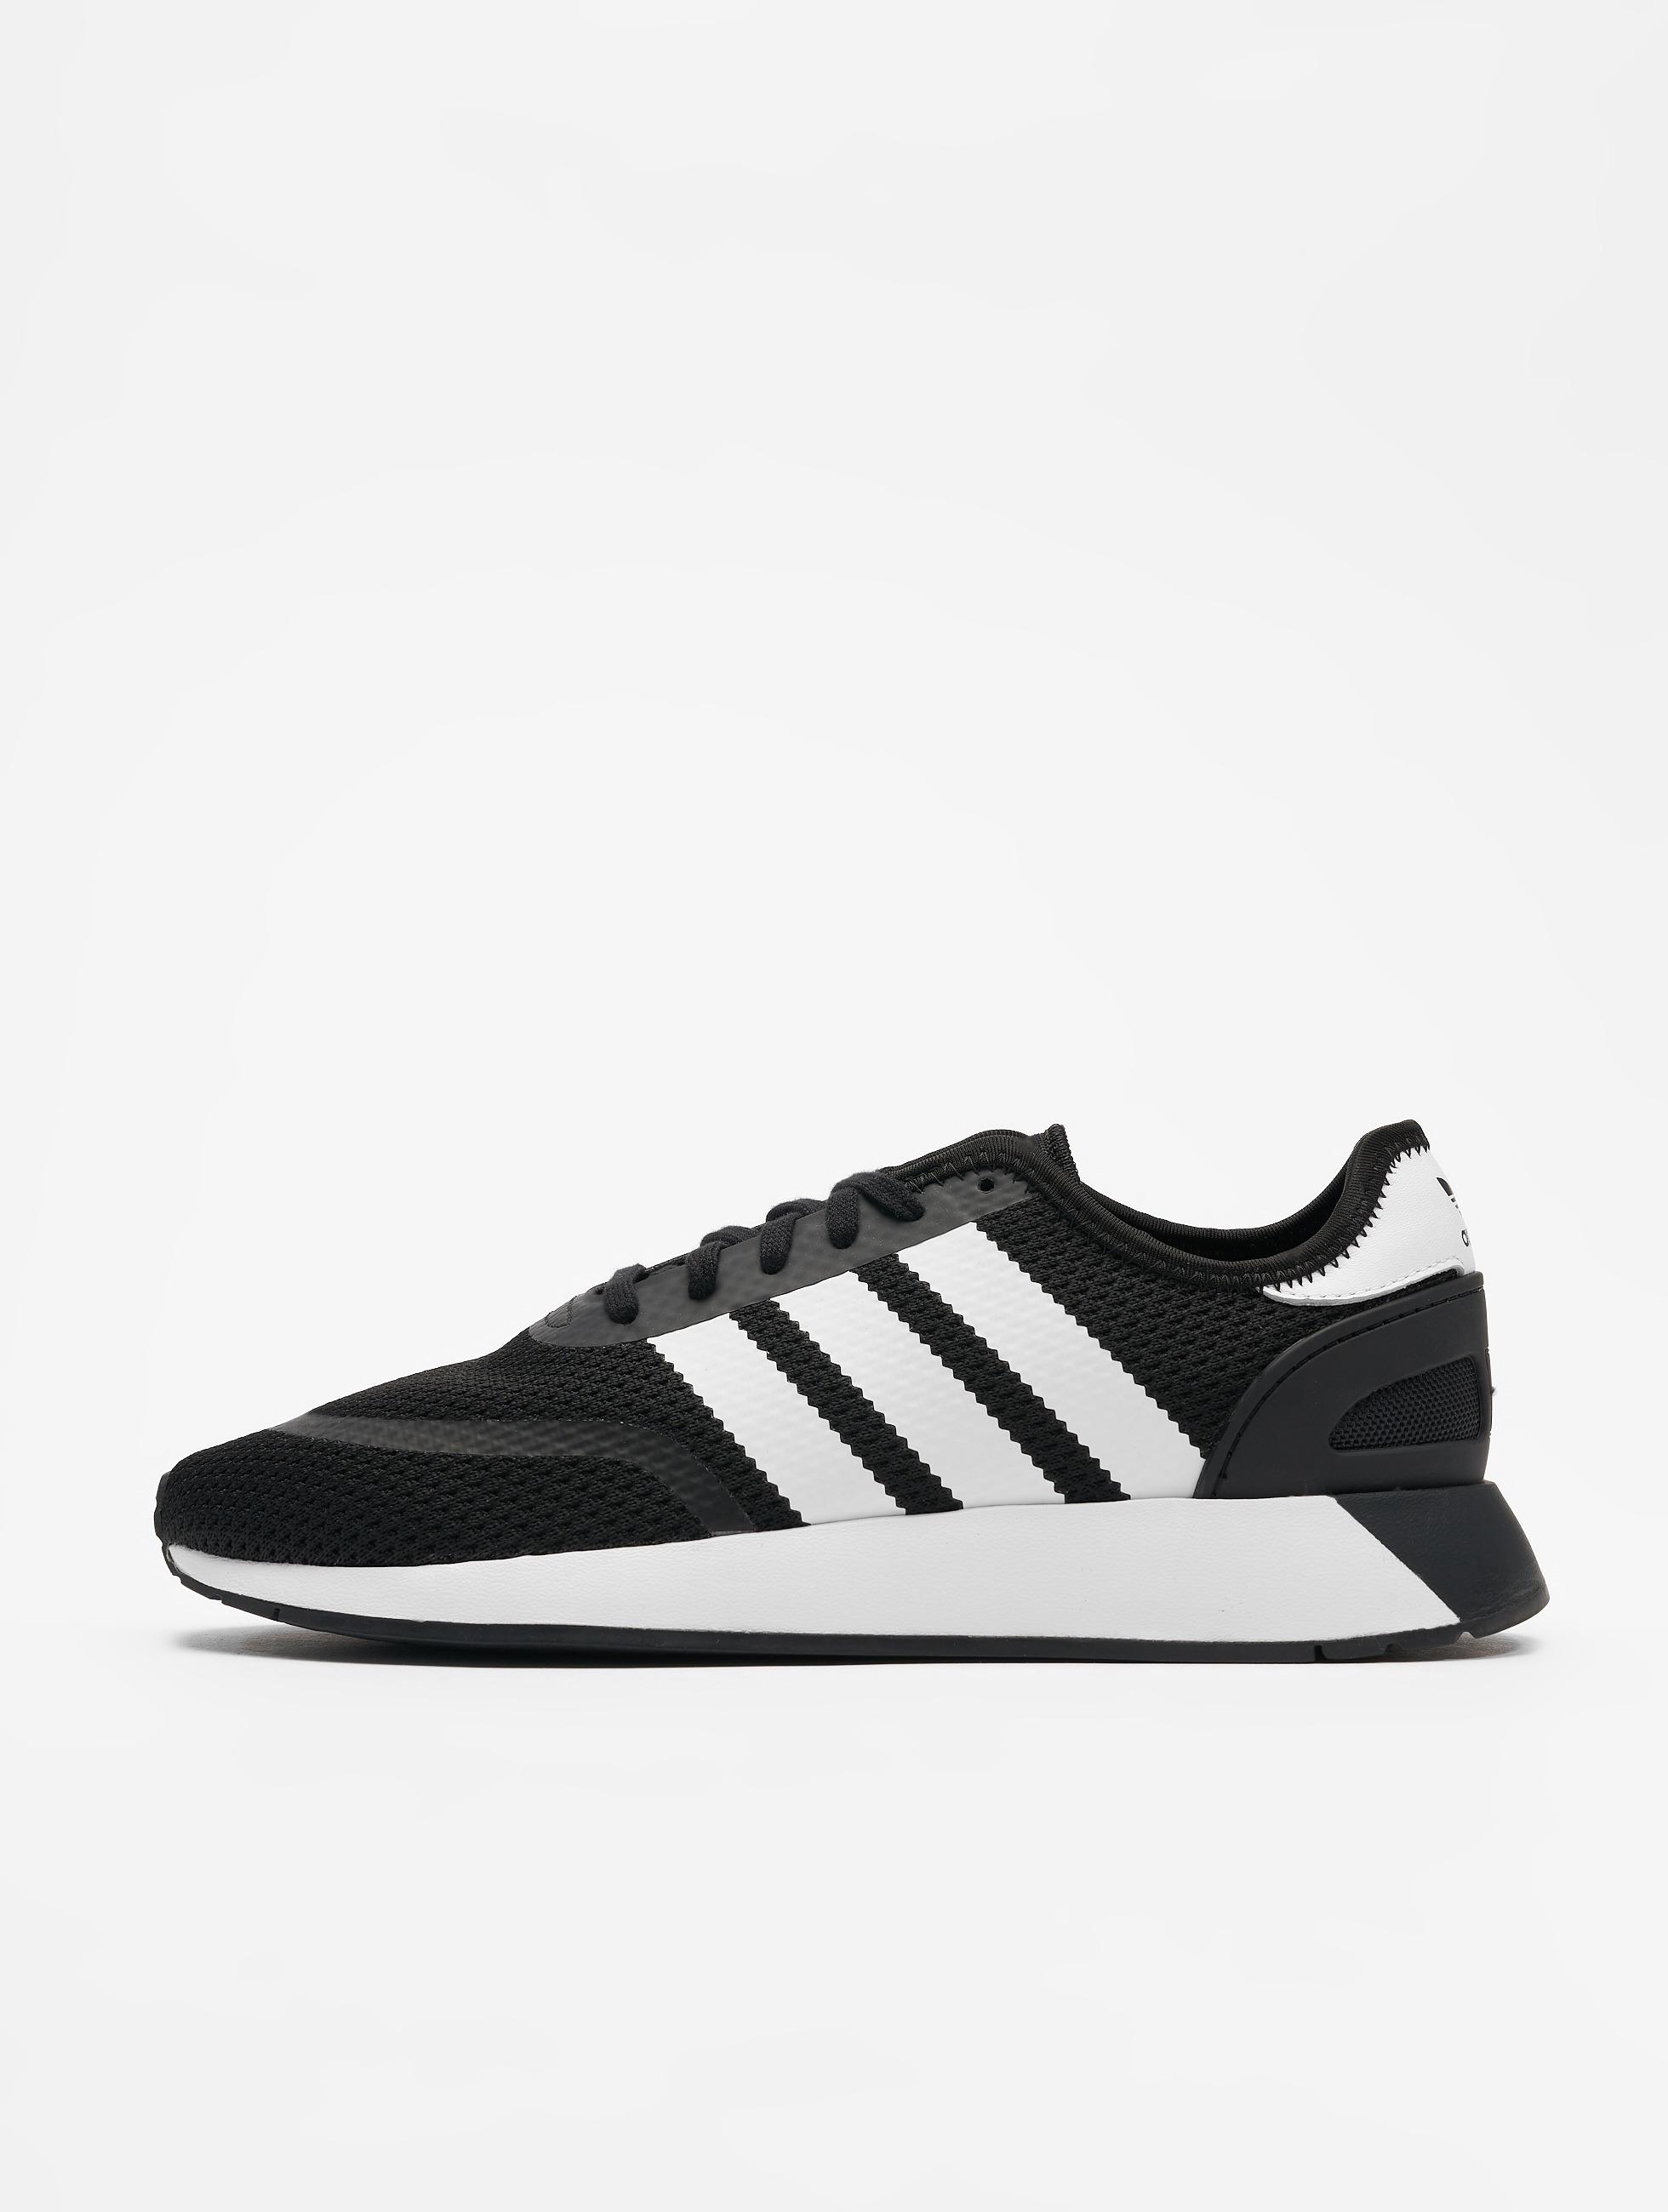 79cd30ae492 adidas originals schoen / sneaker N-5923 in zwart 498969